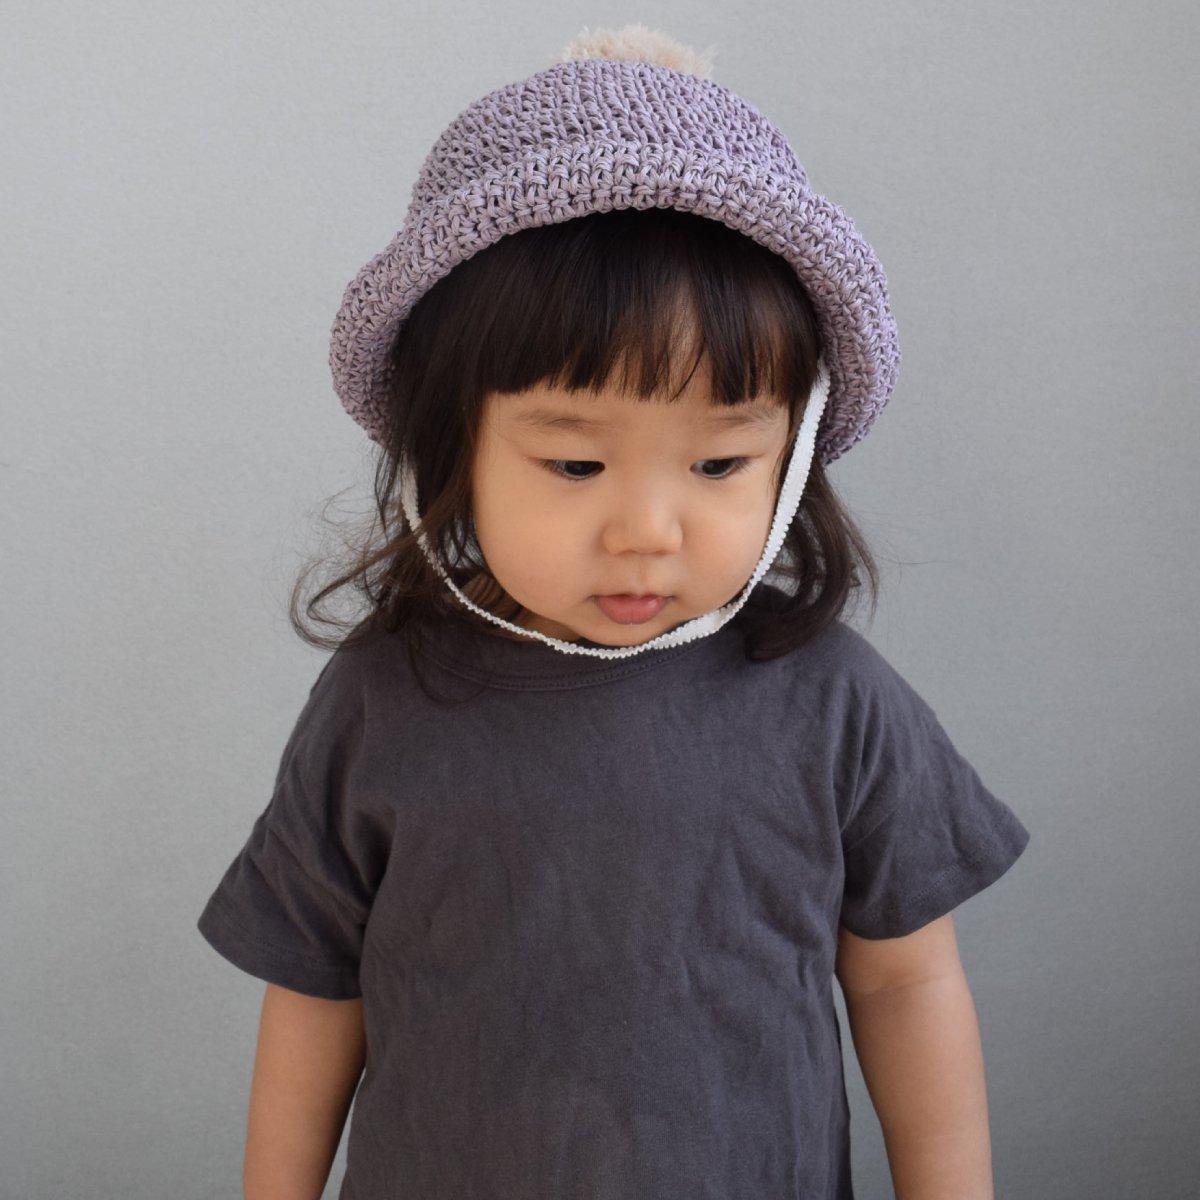 【BABY】Pon Coron Hat 詳細画像19